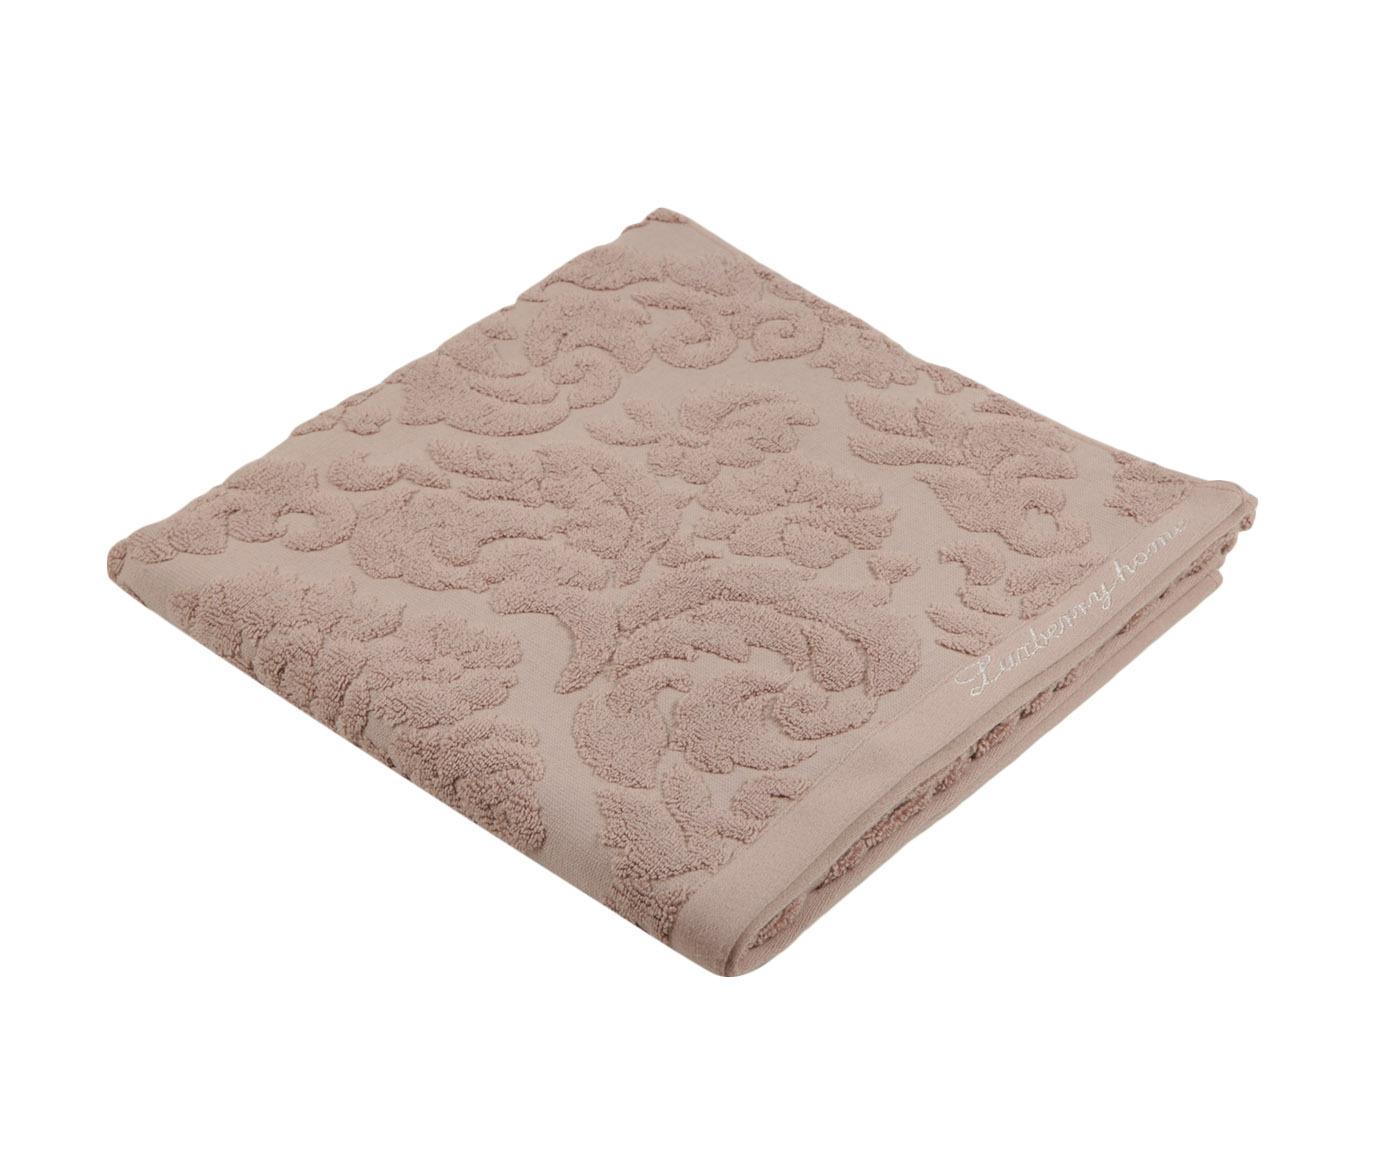 Полотенца Полотенце 100х150 Luxberry New England розовая глина elitnye-polotentsa-mahrovye-new-england-rozovaya-glina-ot-luxberry-portugaliya.jpg